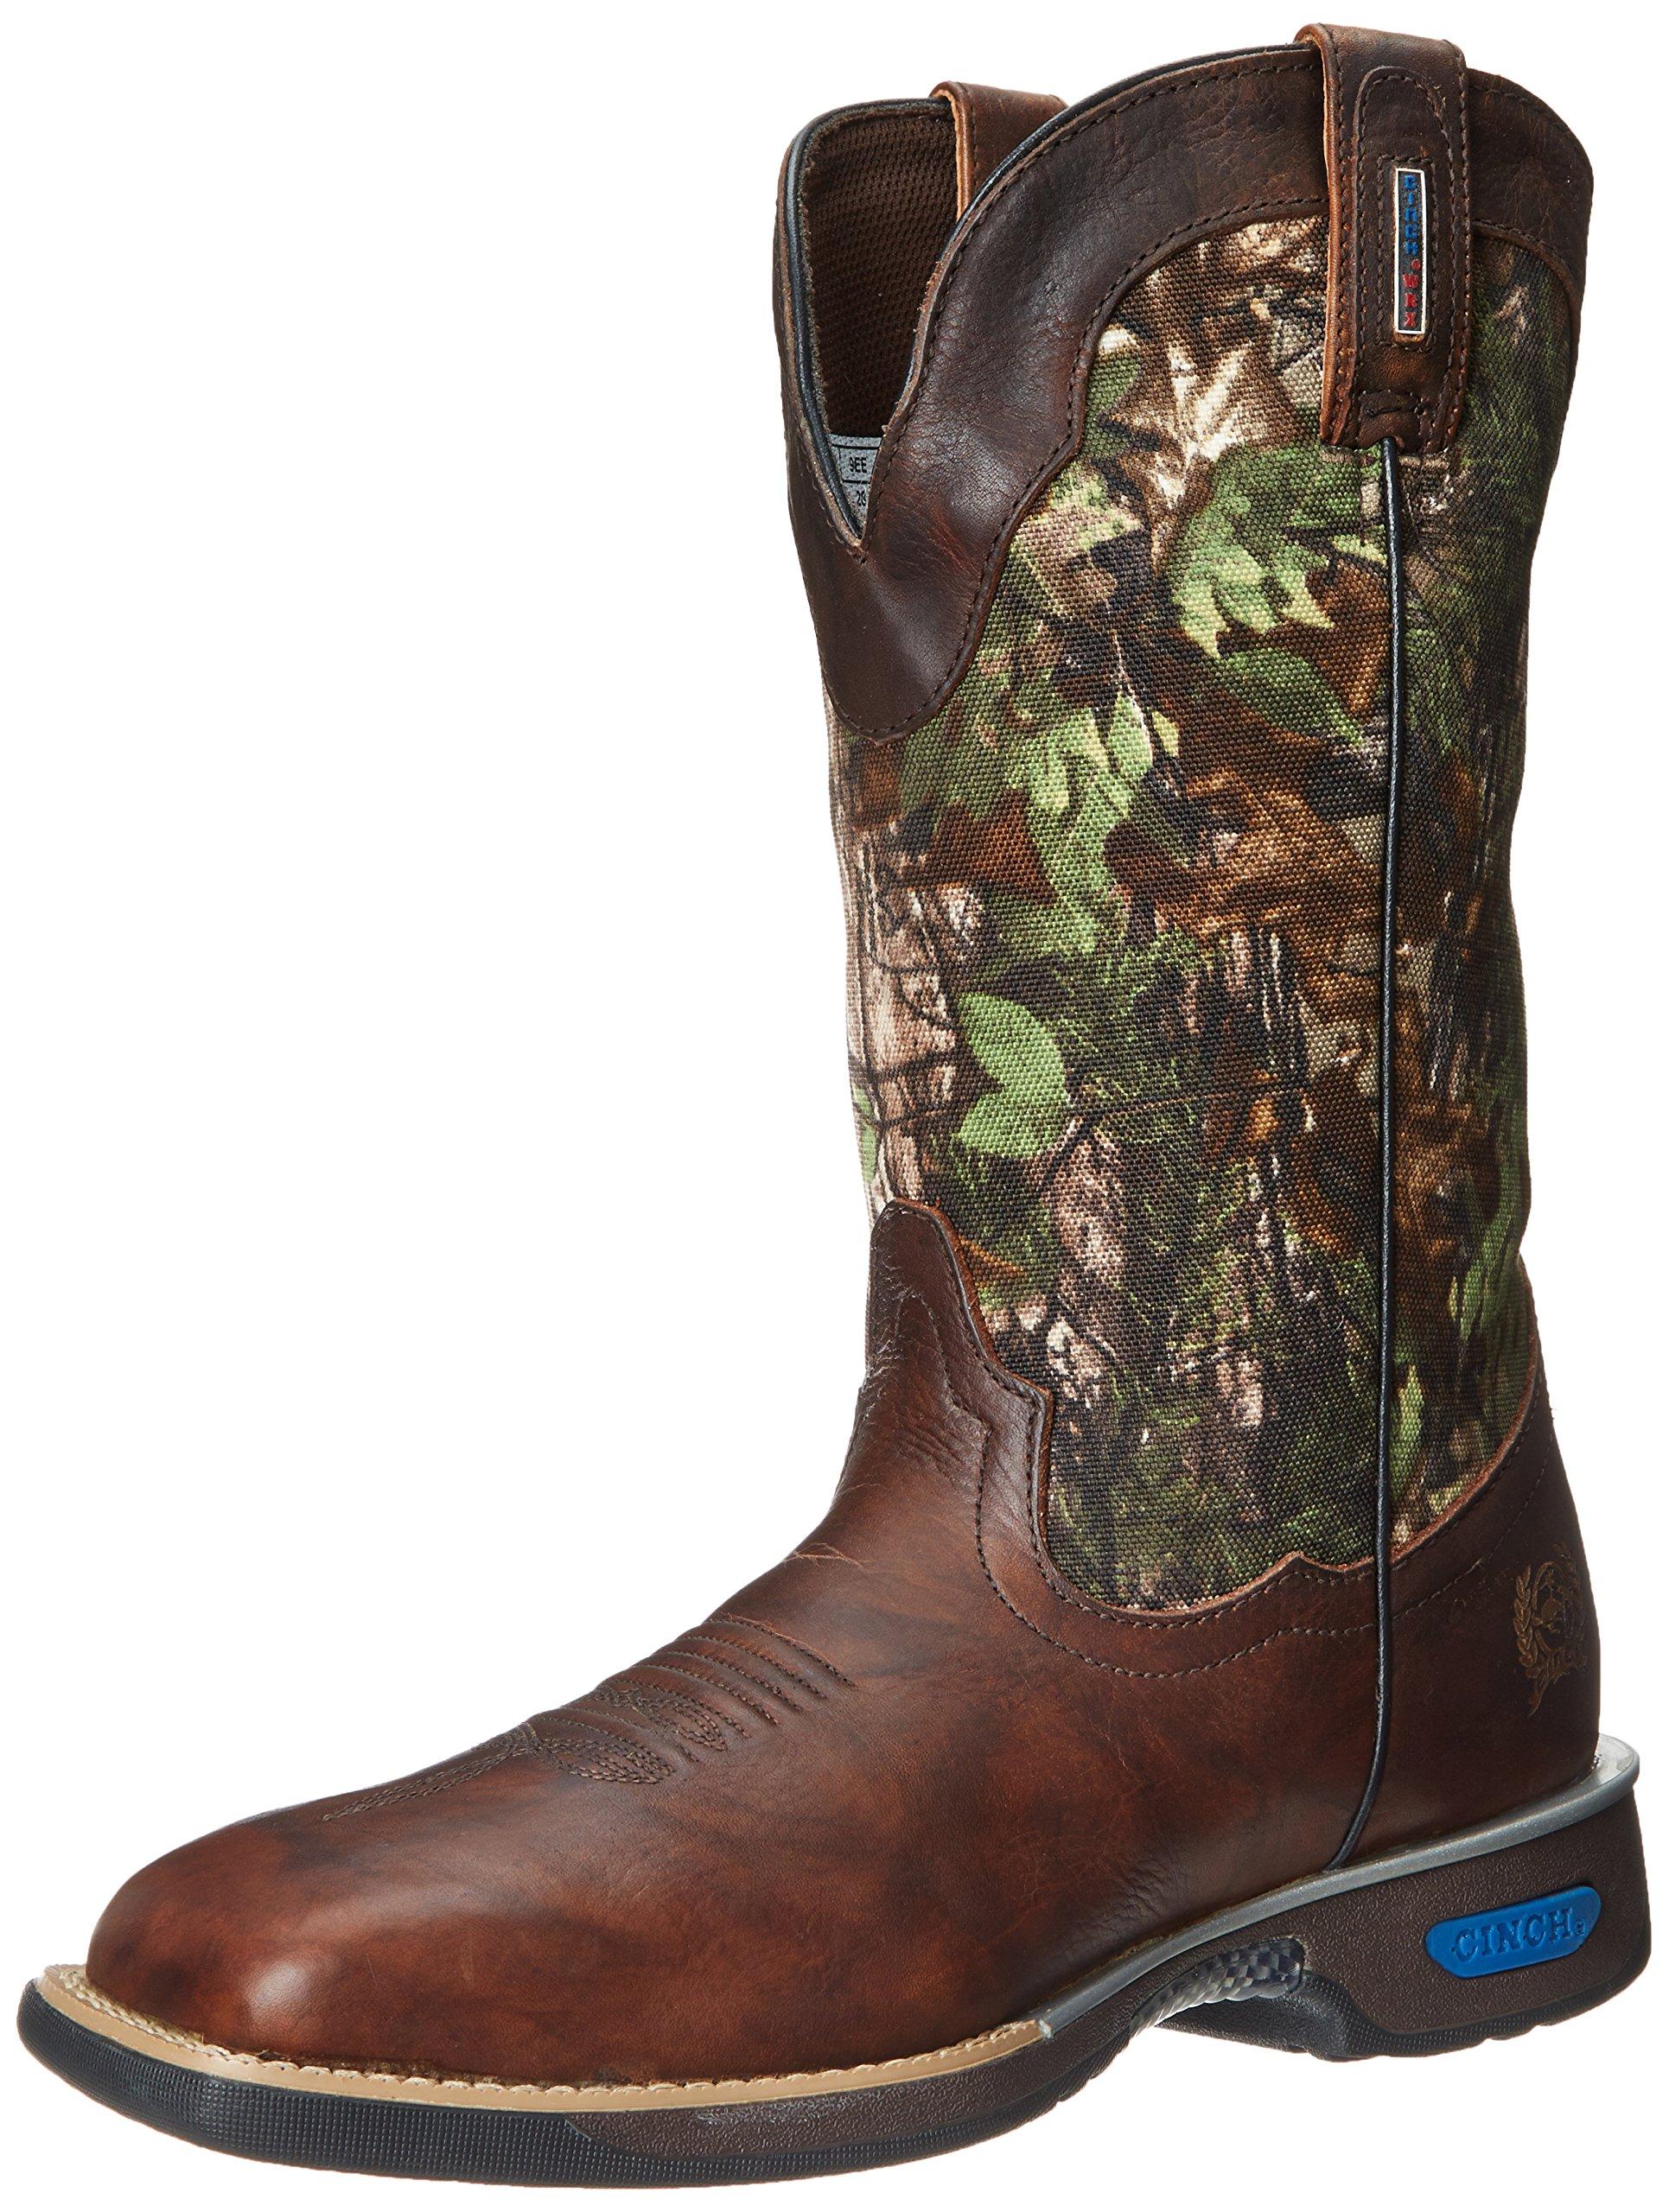 Cinch Men's WRX Commander Waterproof Slip Resistant Work Boot,Brown/Real Tree,10 EE US by Cinch